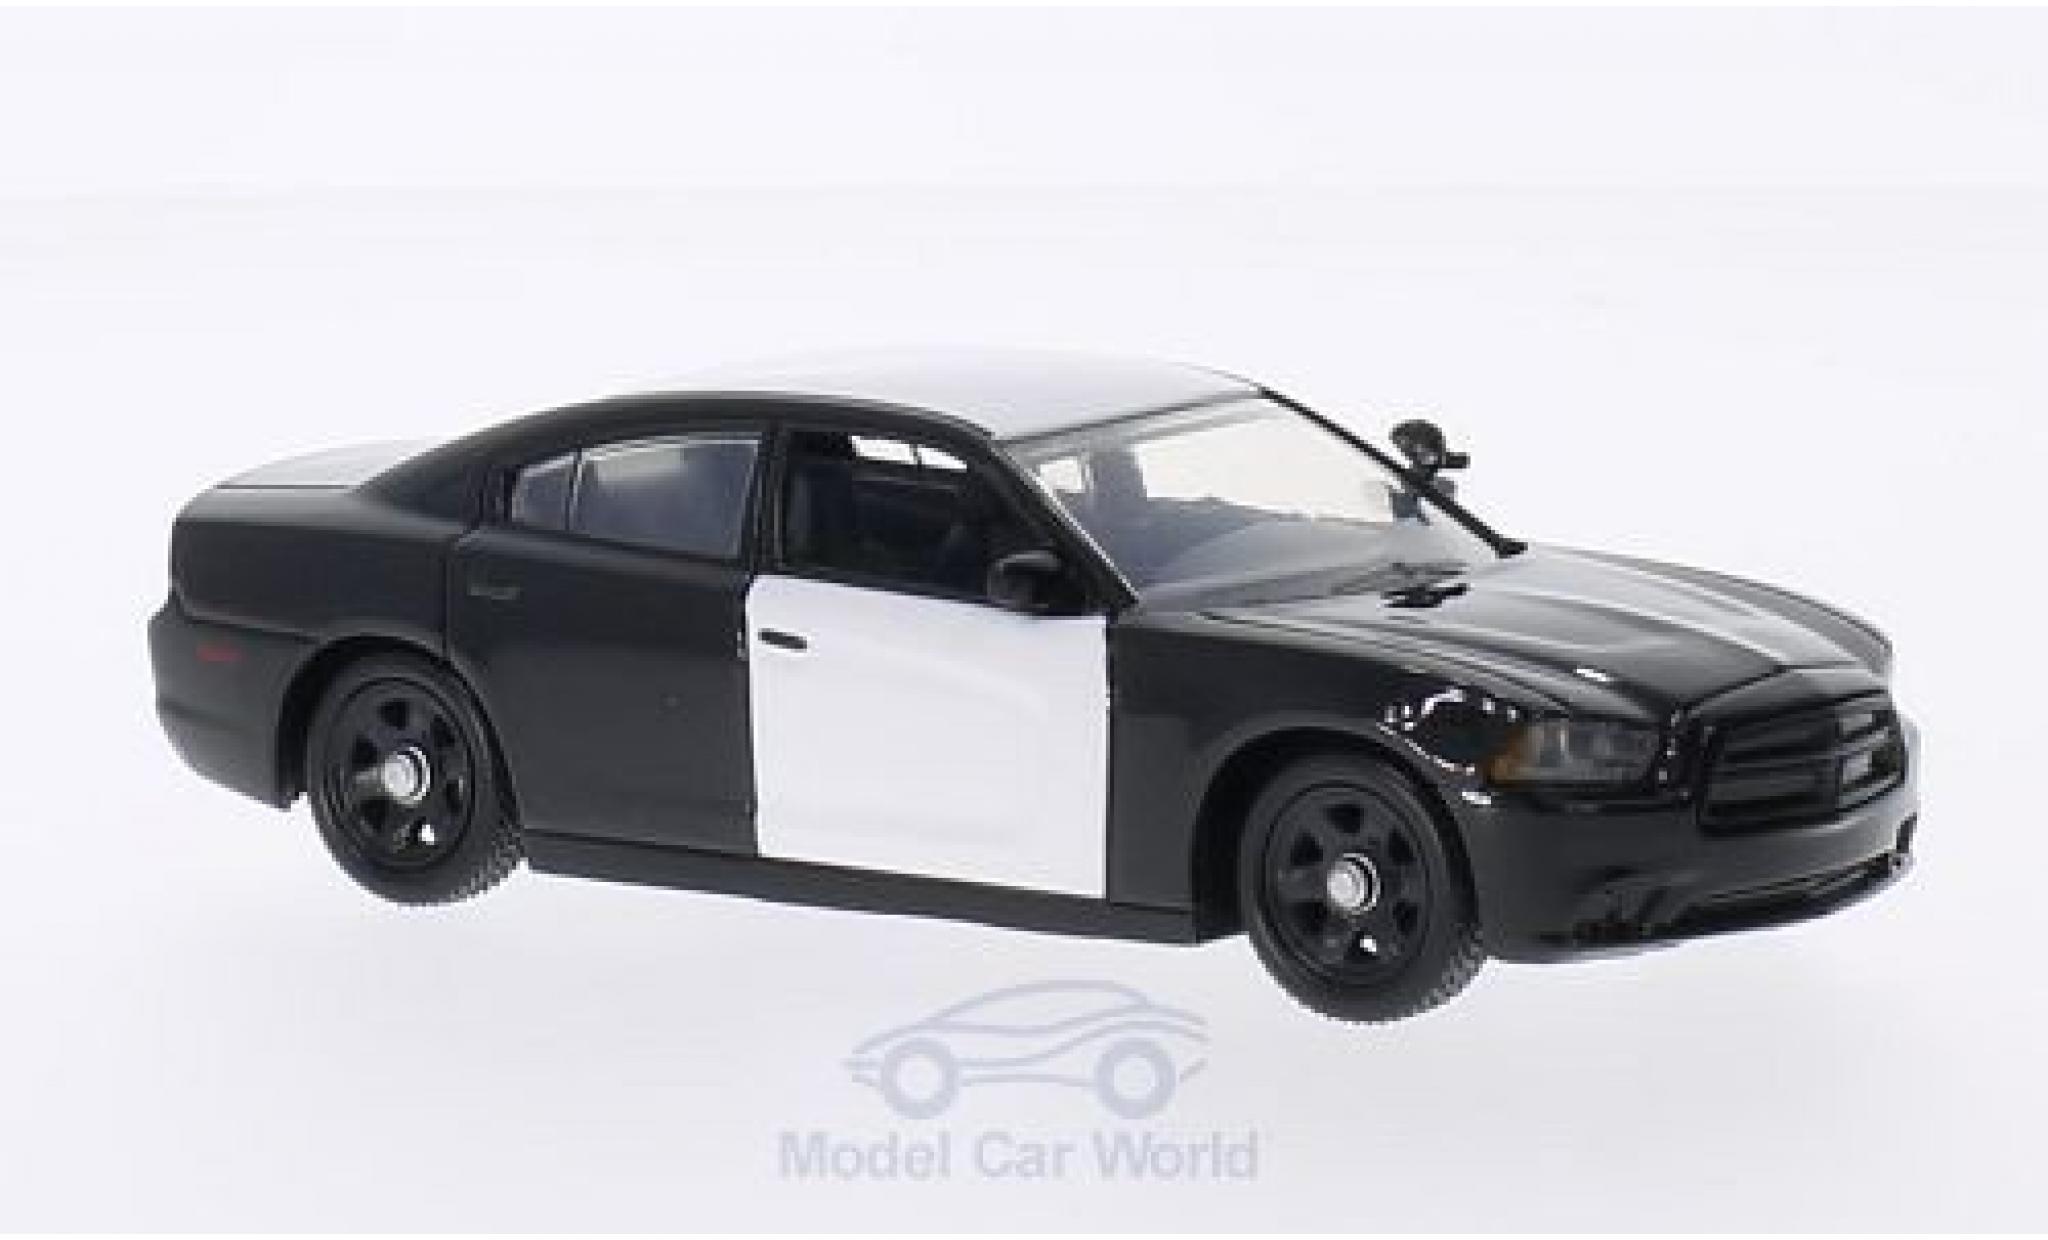 Dodge Charger 1/43 First Response undekoriertes Polizeifahrzeug black/white 2012 mit Zubehör